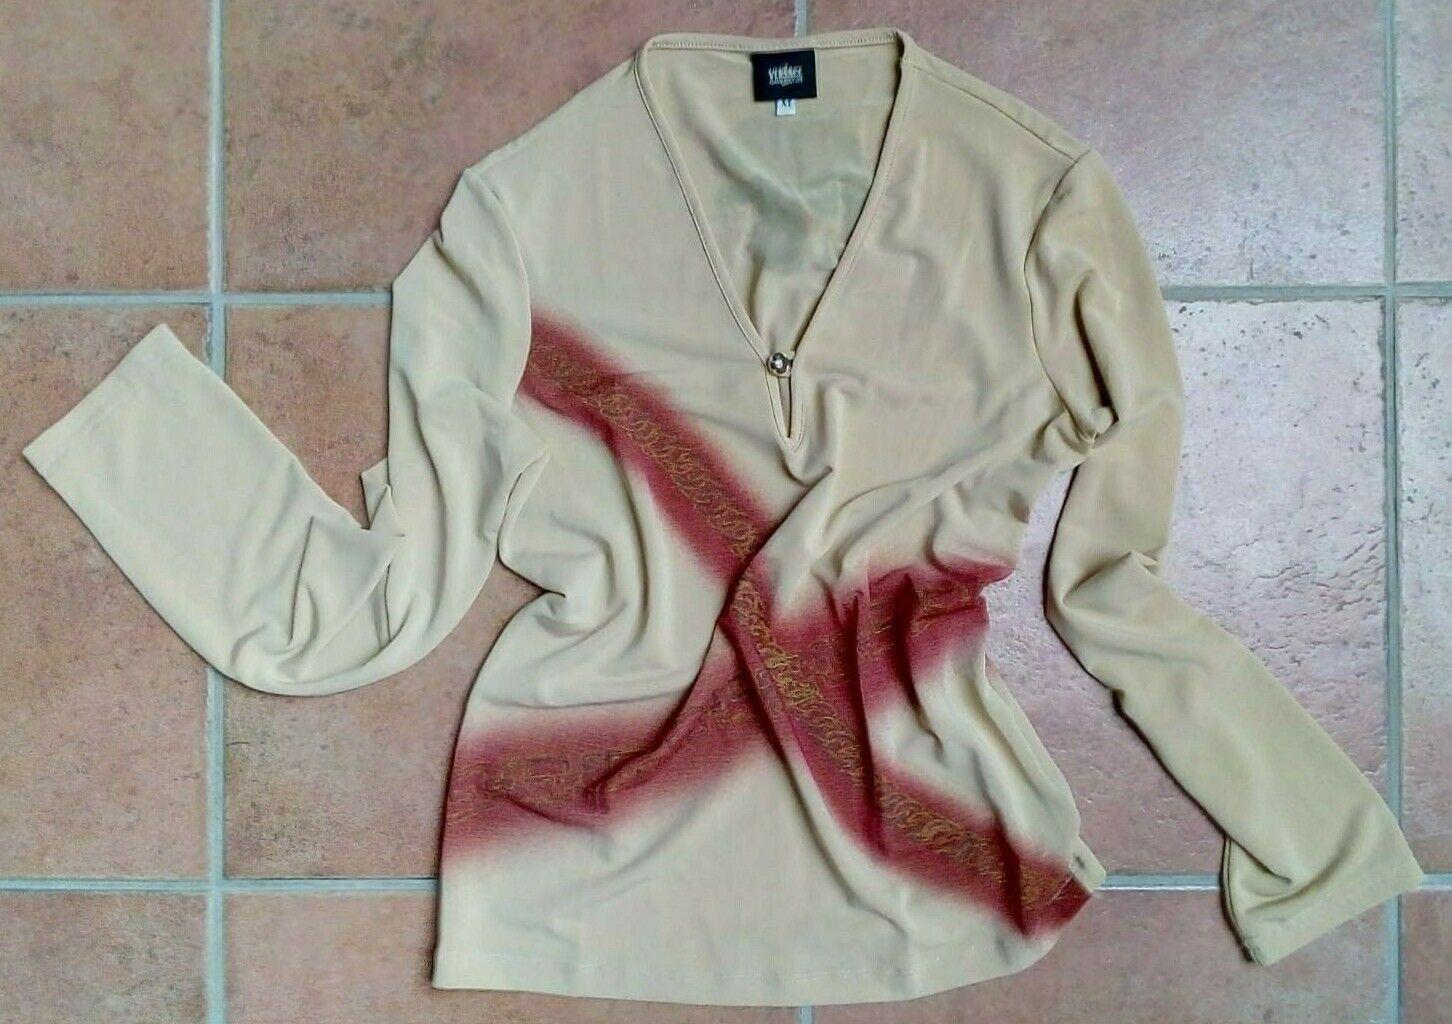 VersaceJeansCouture Damen Shirt, Gr. M, Neu o. E., Koffer   Business Shirt